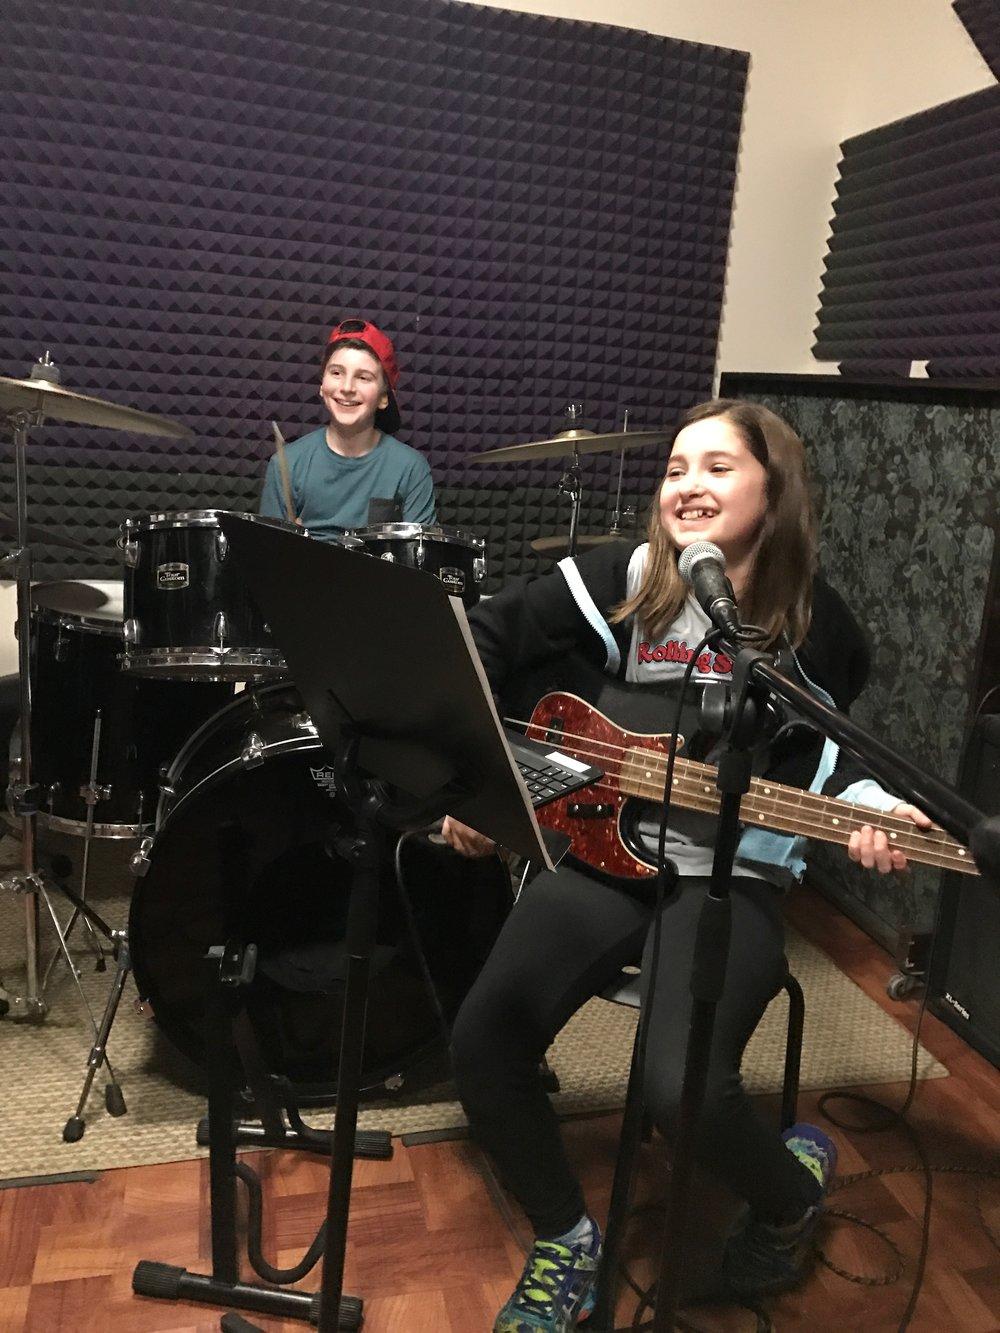 Jersey-Sullivan-drums-evie-rehearsing.jpg